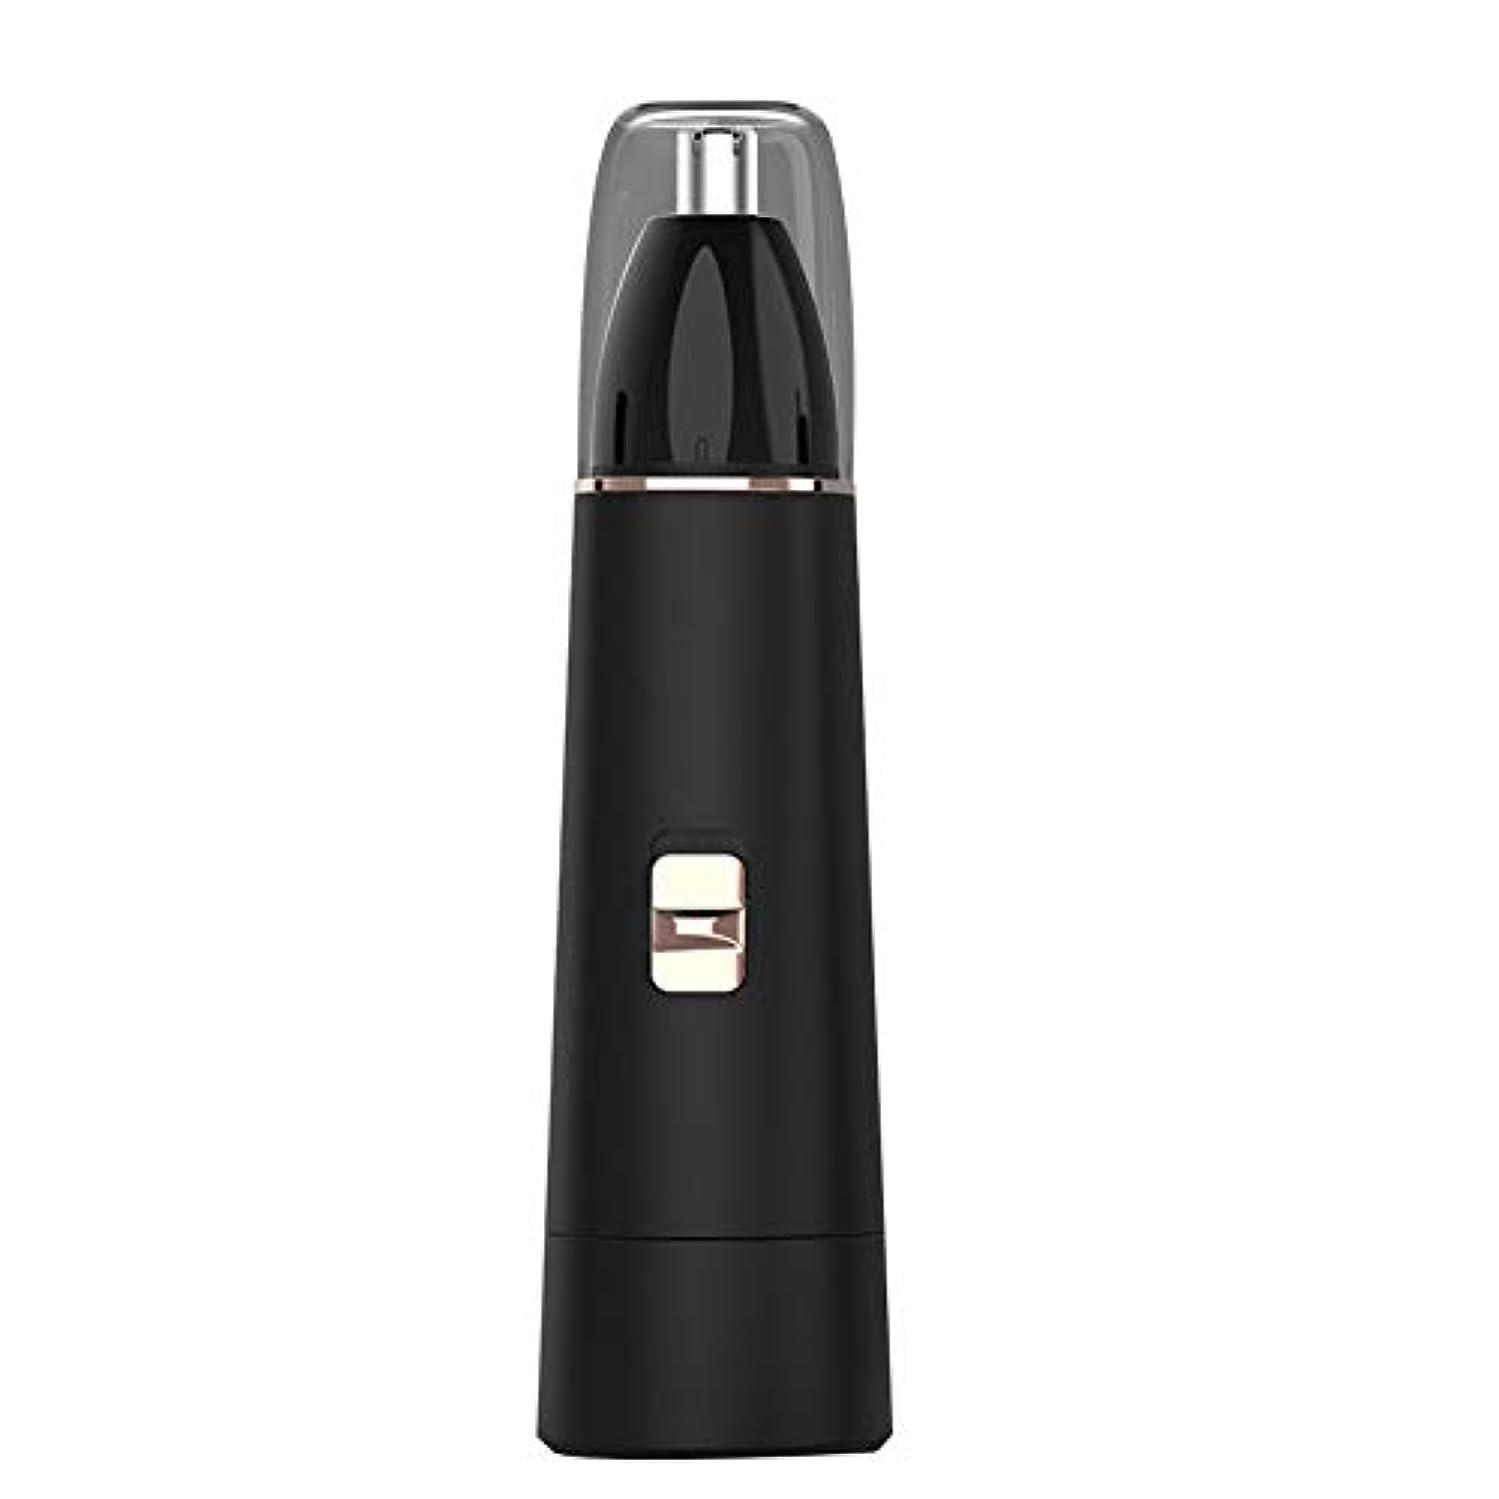 虫スリンク独占鼻毛トリマー-USB充電式電動鼻毛トリマー/ABS素材/多機能 作り方がすぐれている